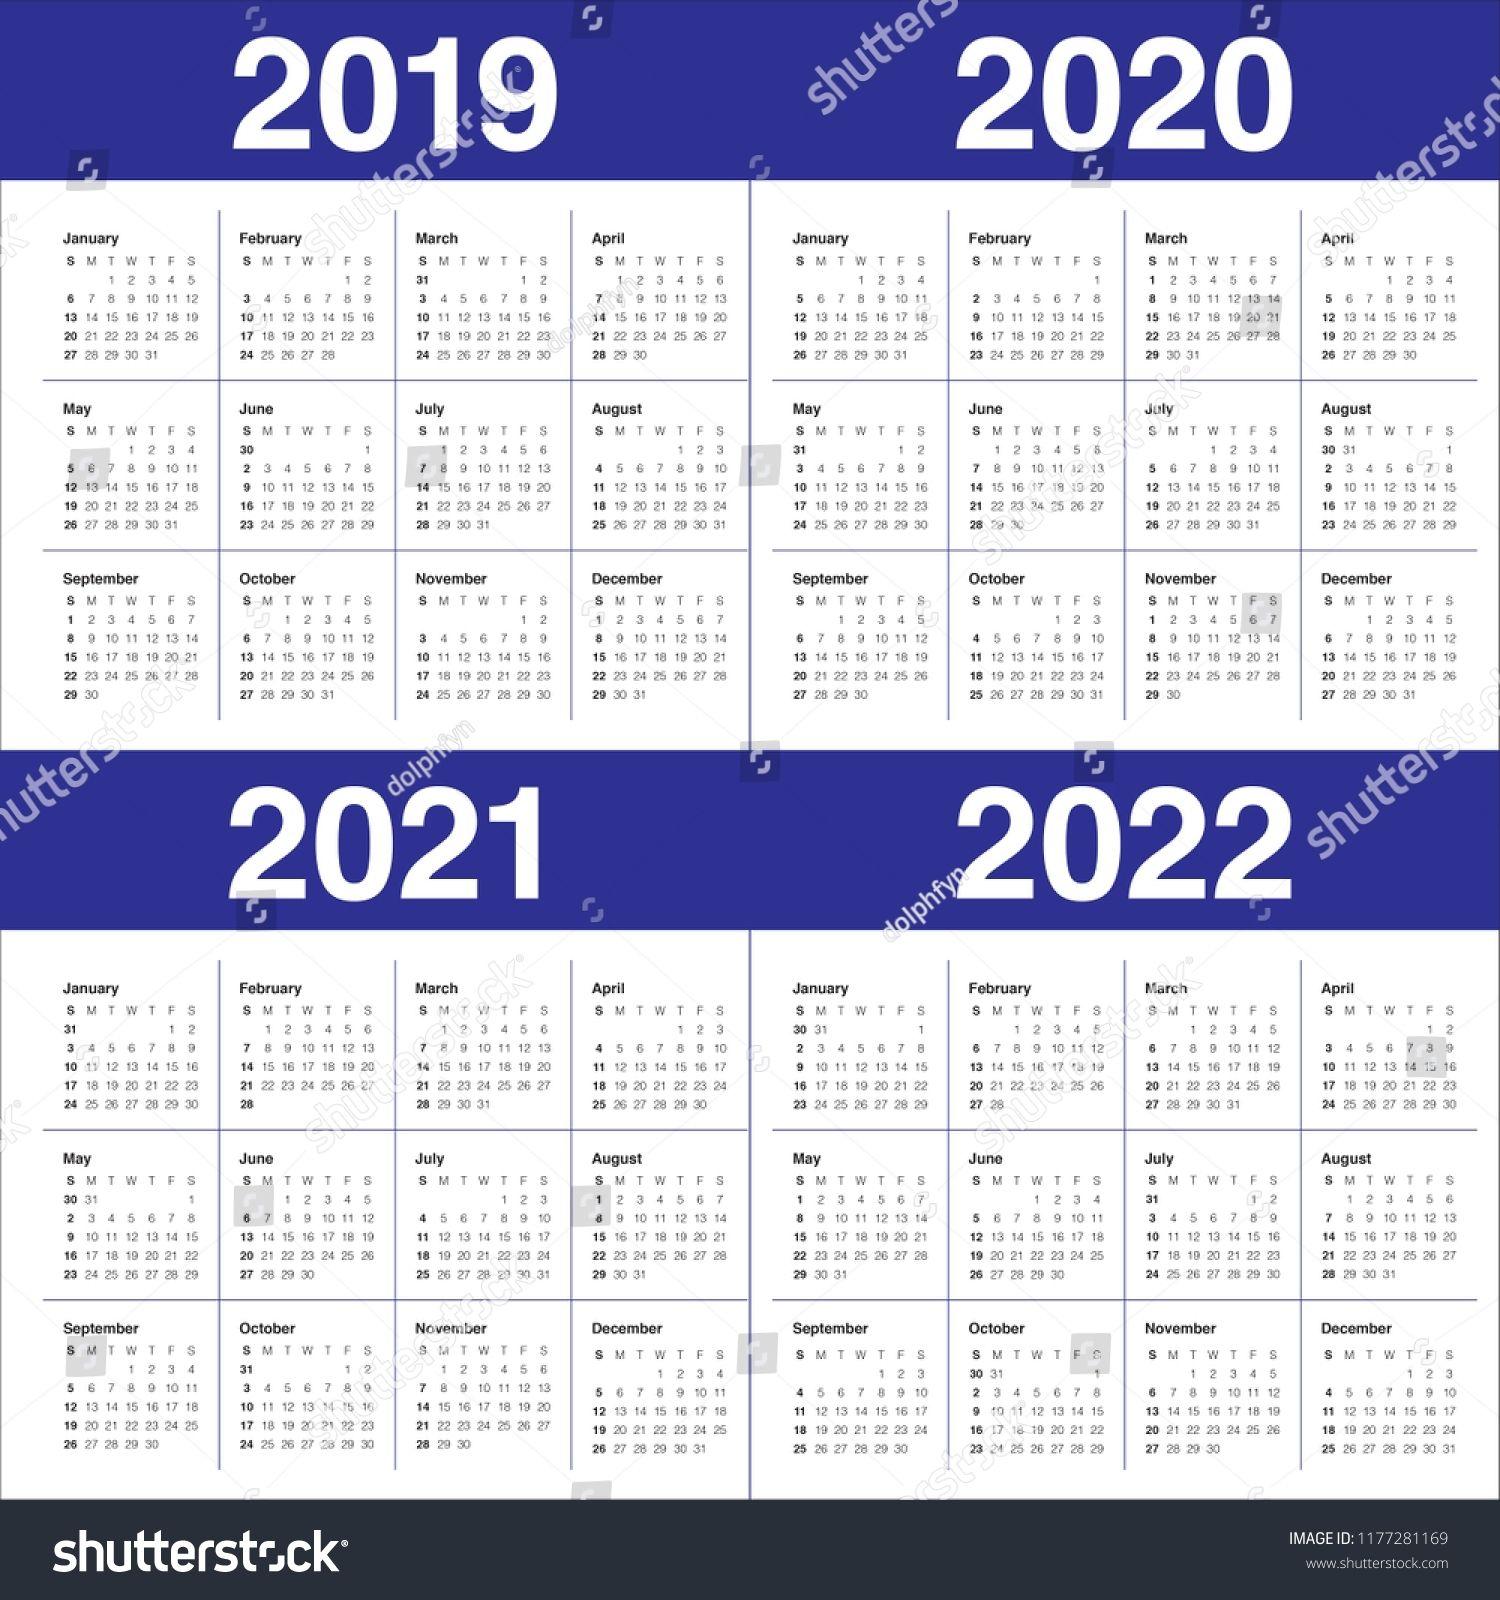 Calendar Print Out 2019 2020 2021 2022 Di 2020